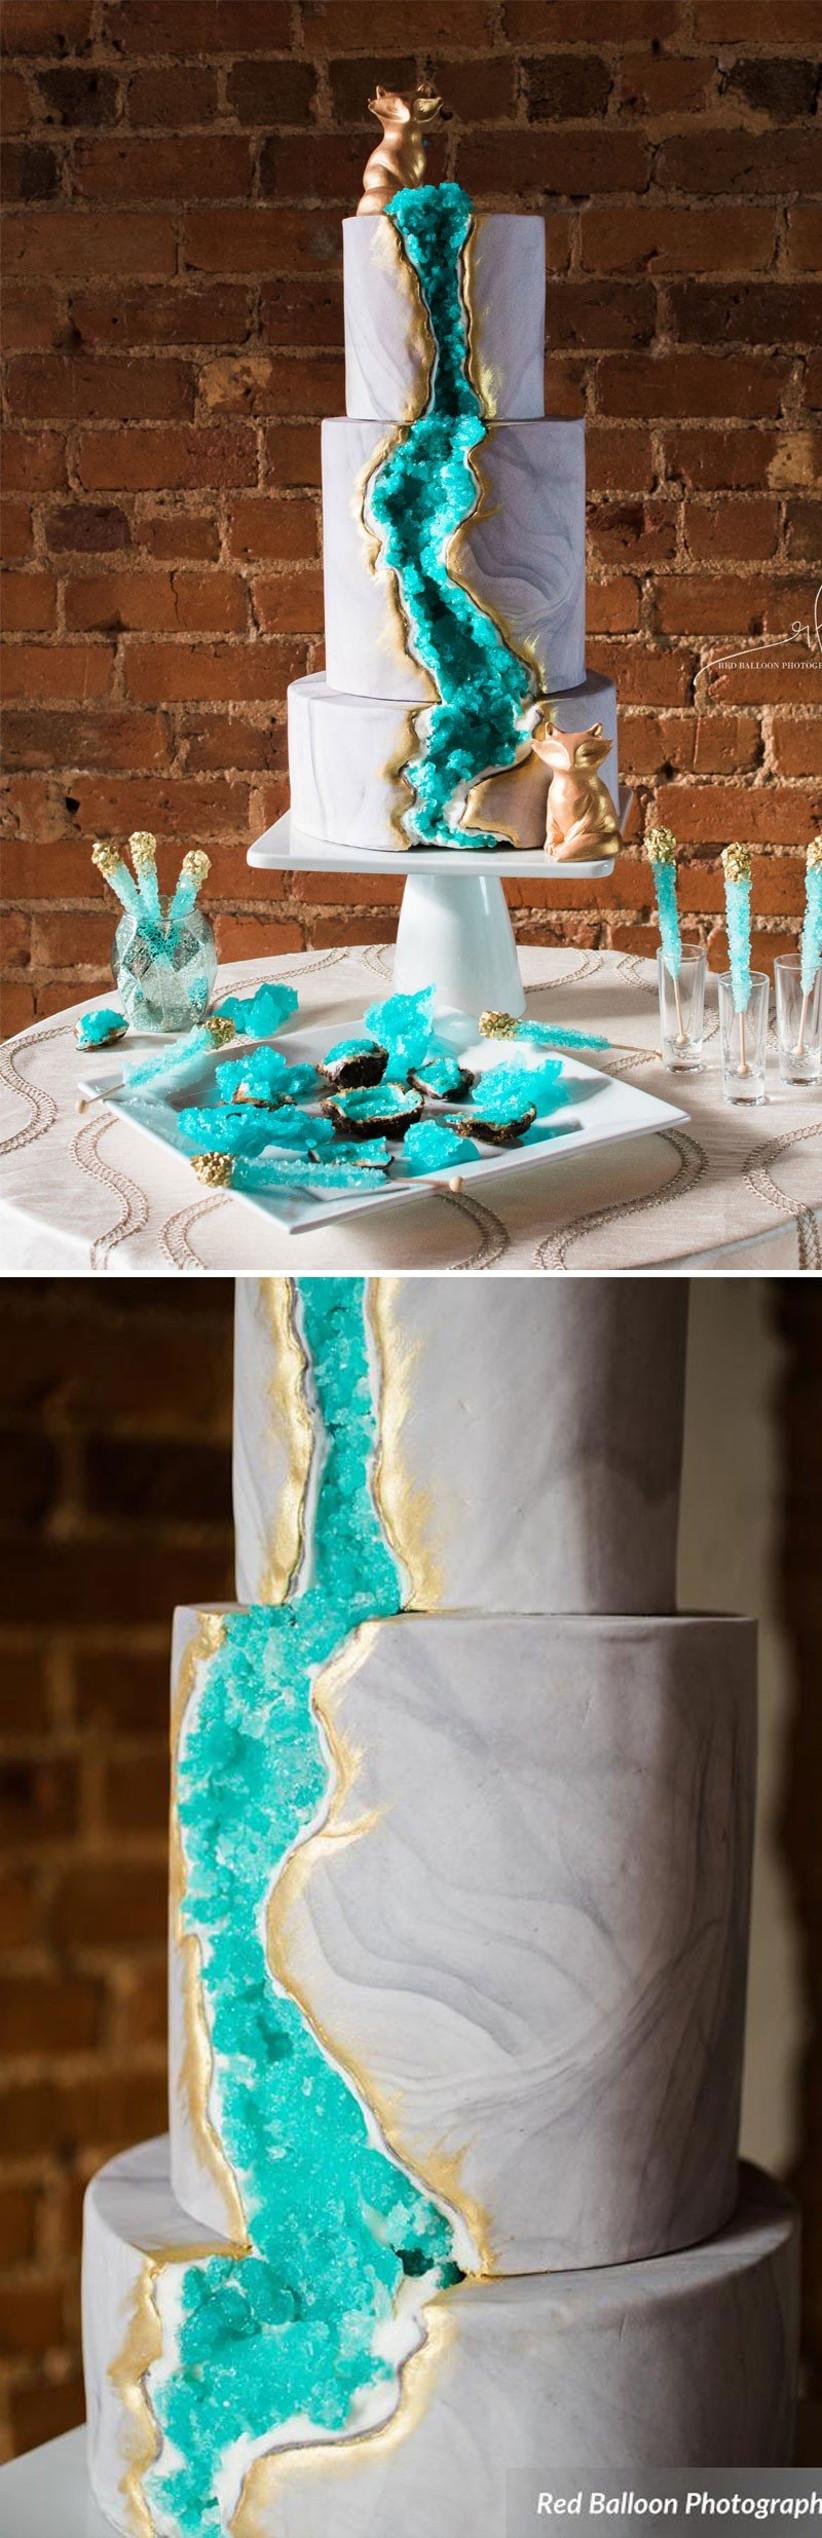 geode-wedding-cakes